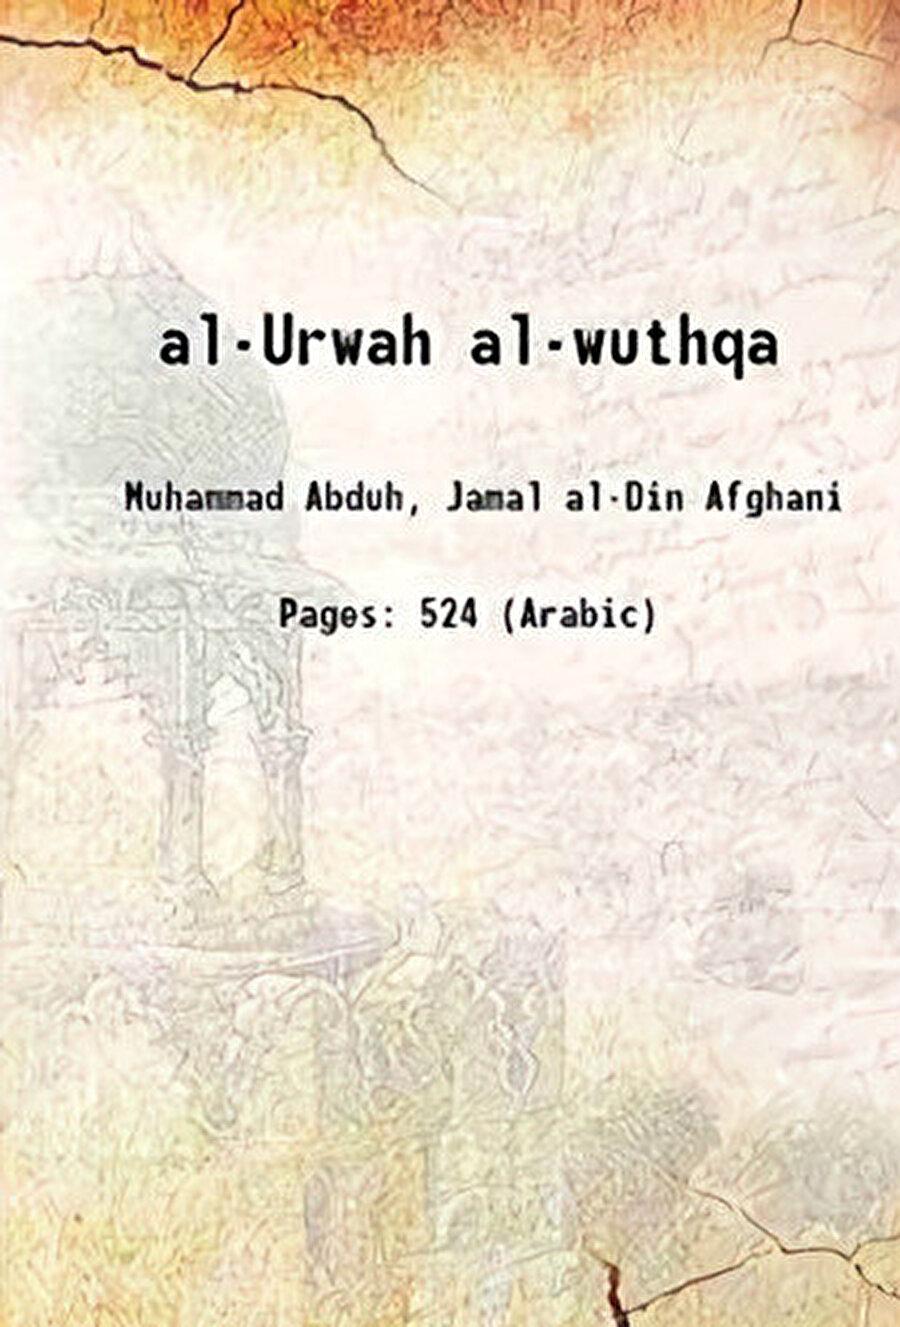 Al-Urwah al-Wuthqa.